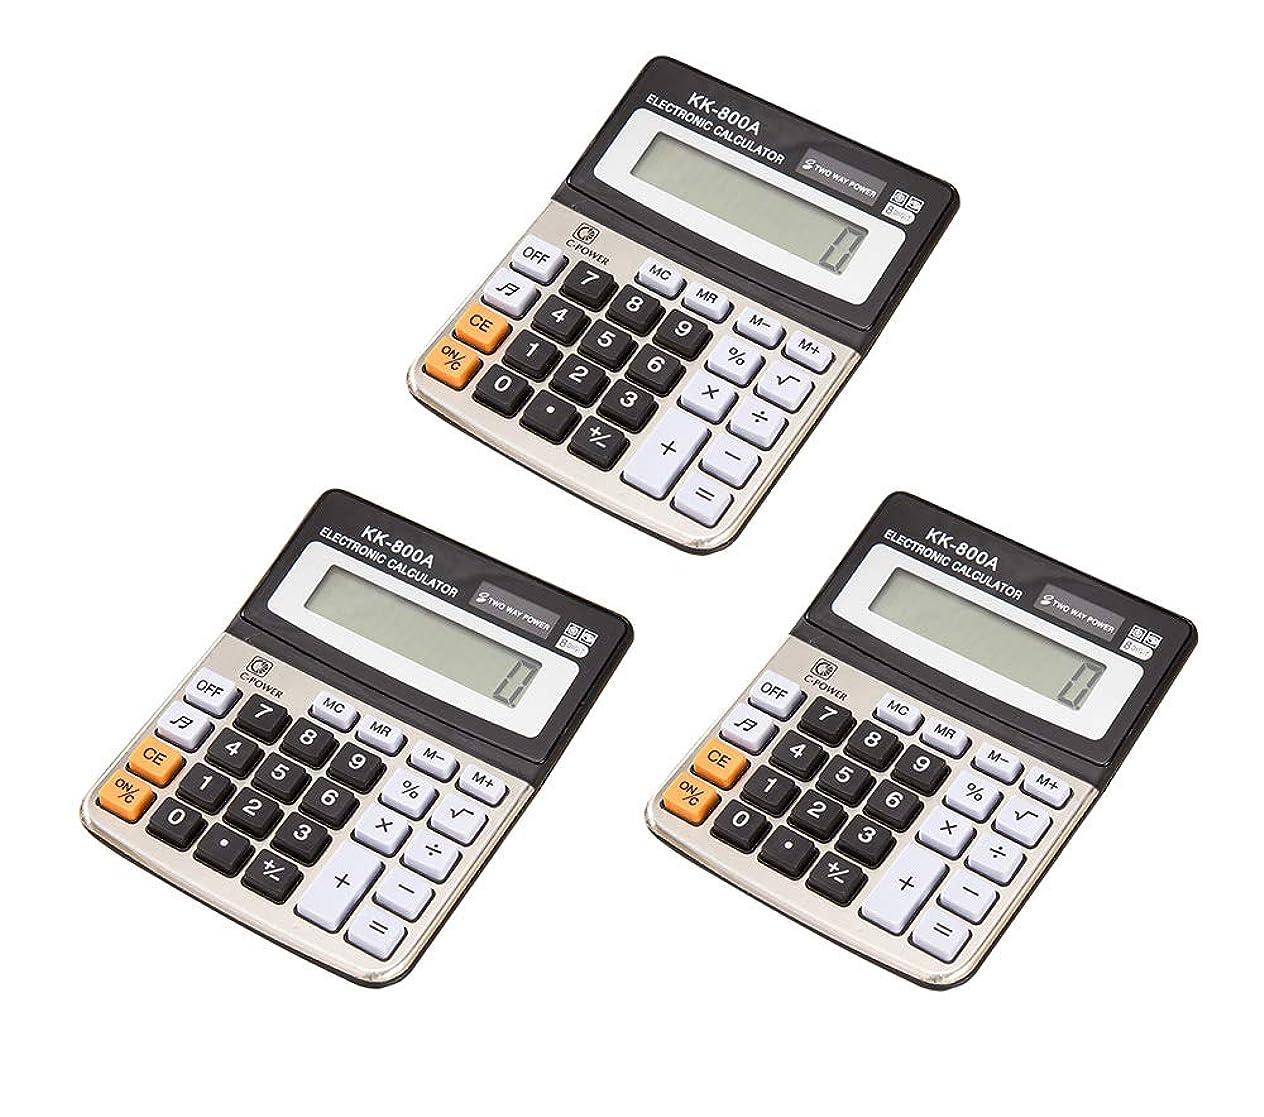 ワイン思慮のない履歴書123Arts 3個 12桁 LCDディスプレイ 標準機能 デスクトップ電卓